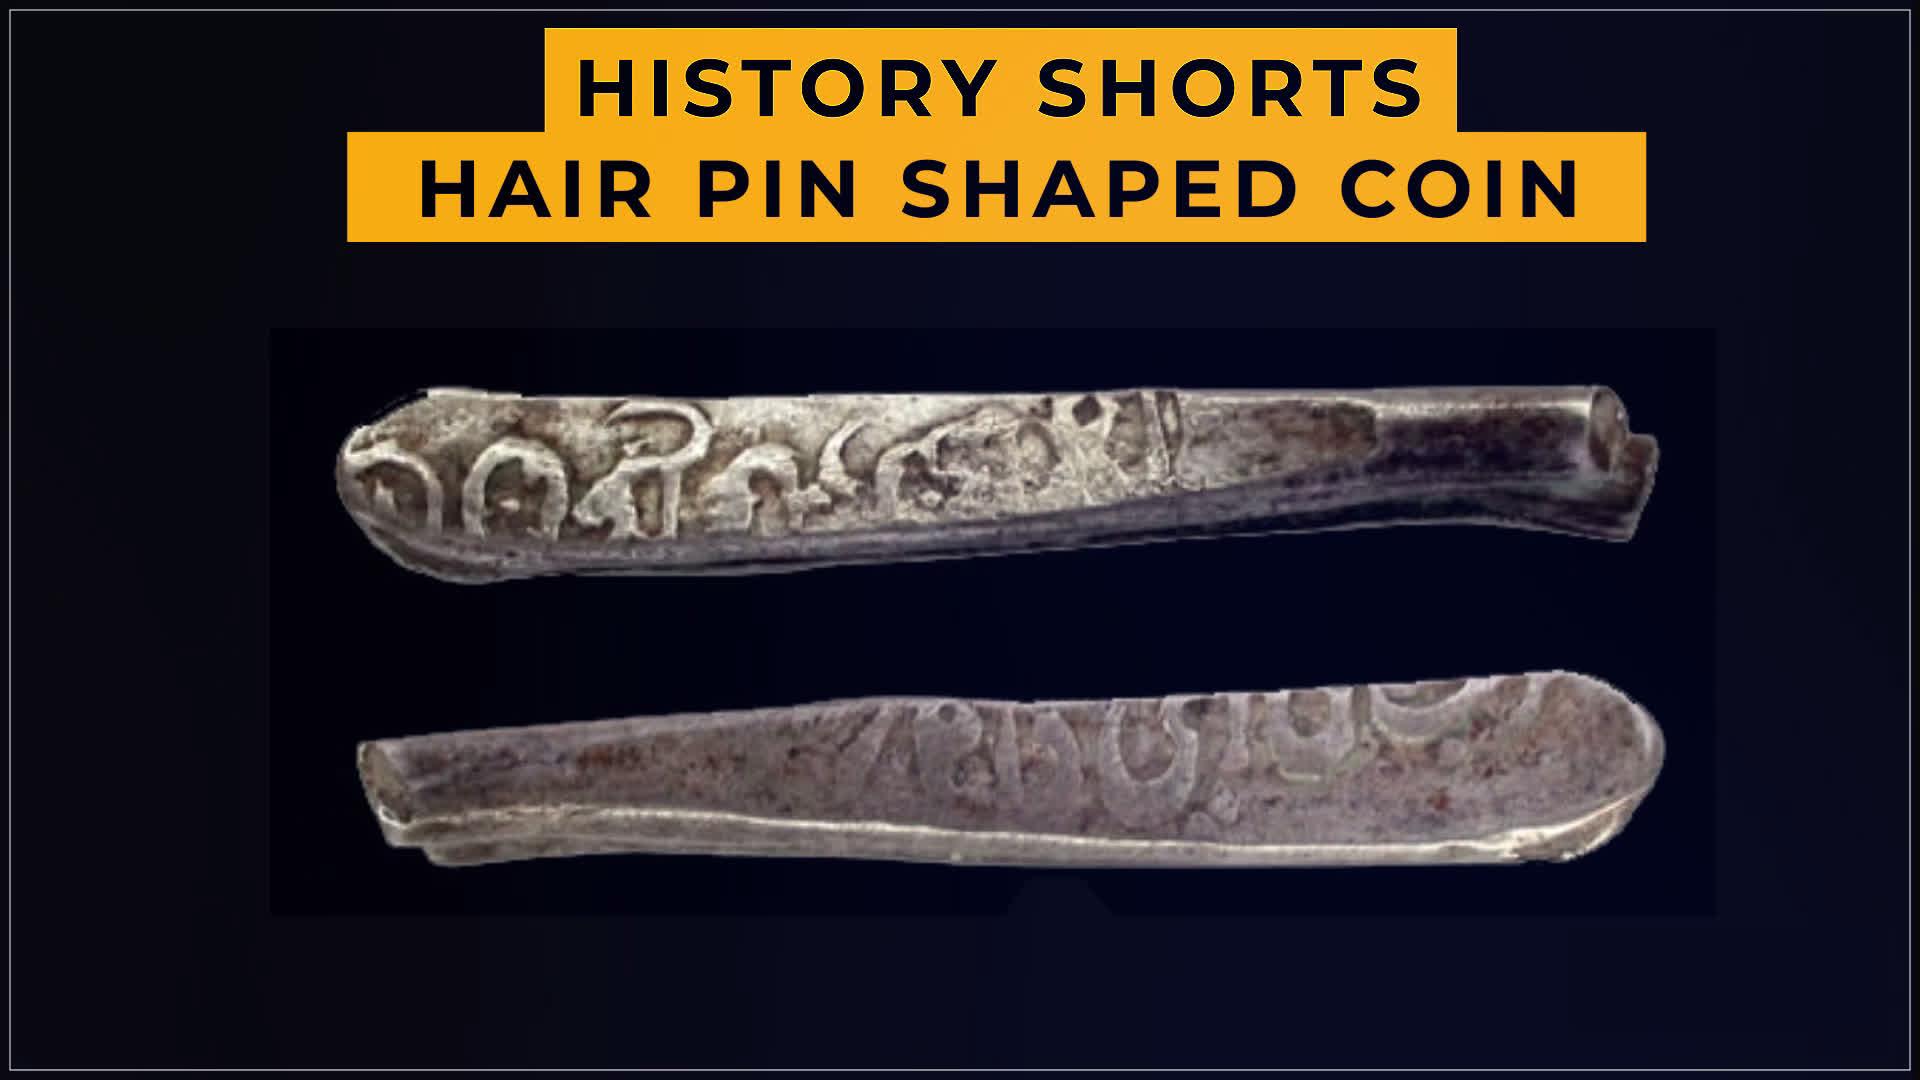 Hair Pin Shaped Coin | History Shorts